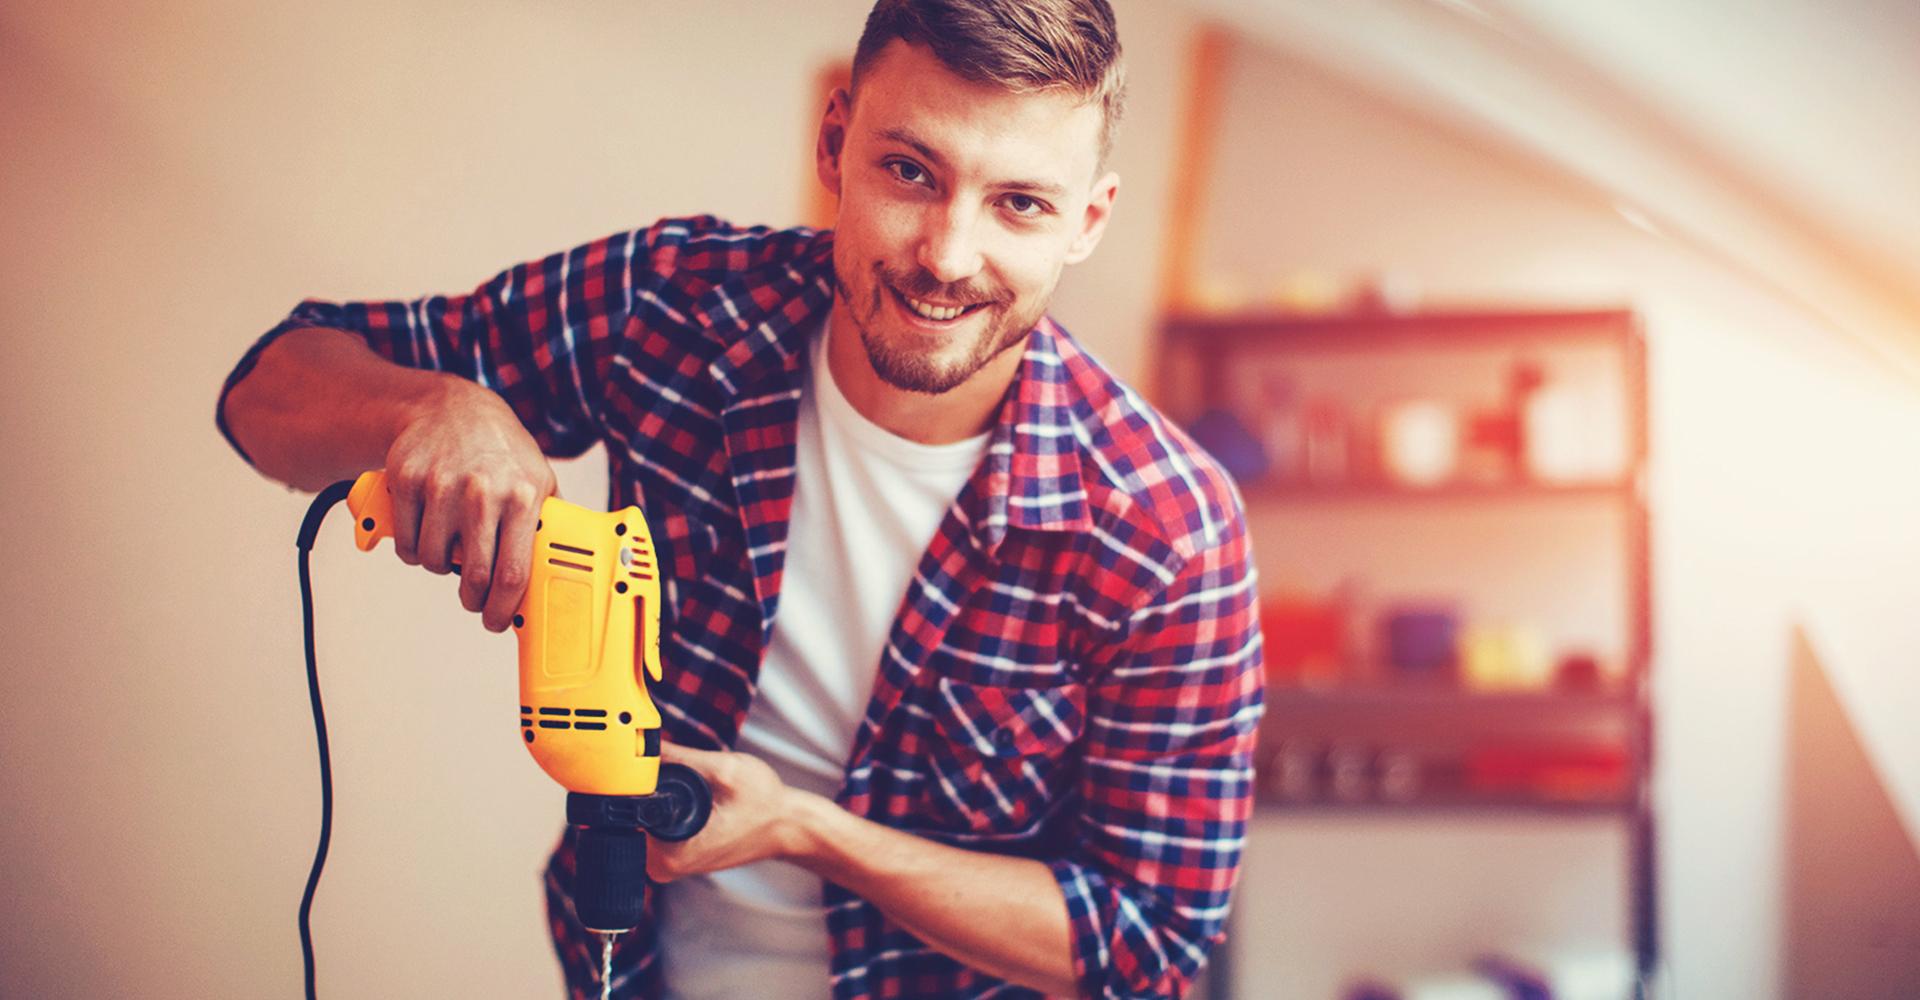 Luado hjelper deg med Handyman oppgaver